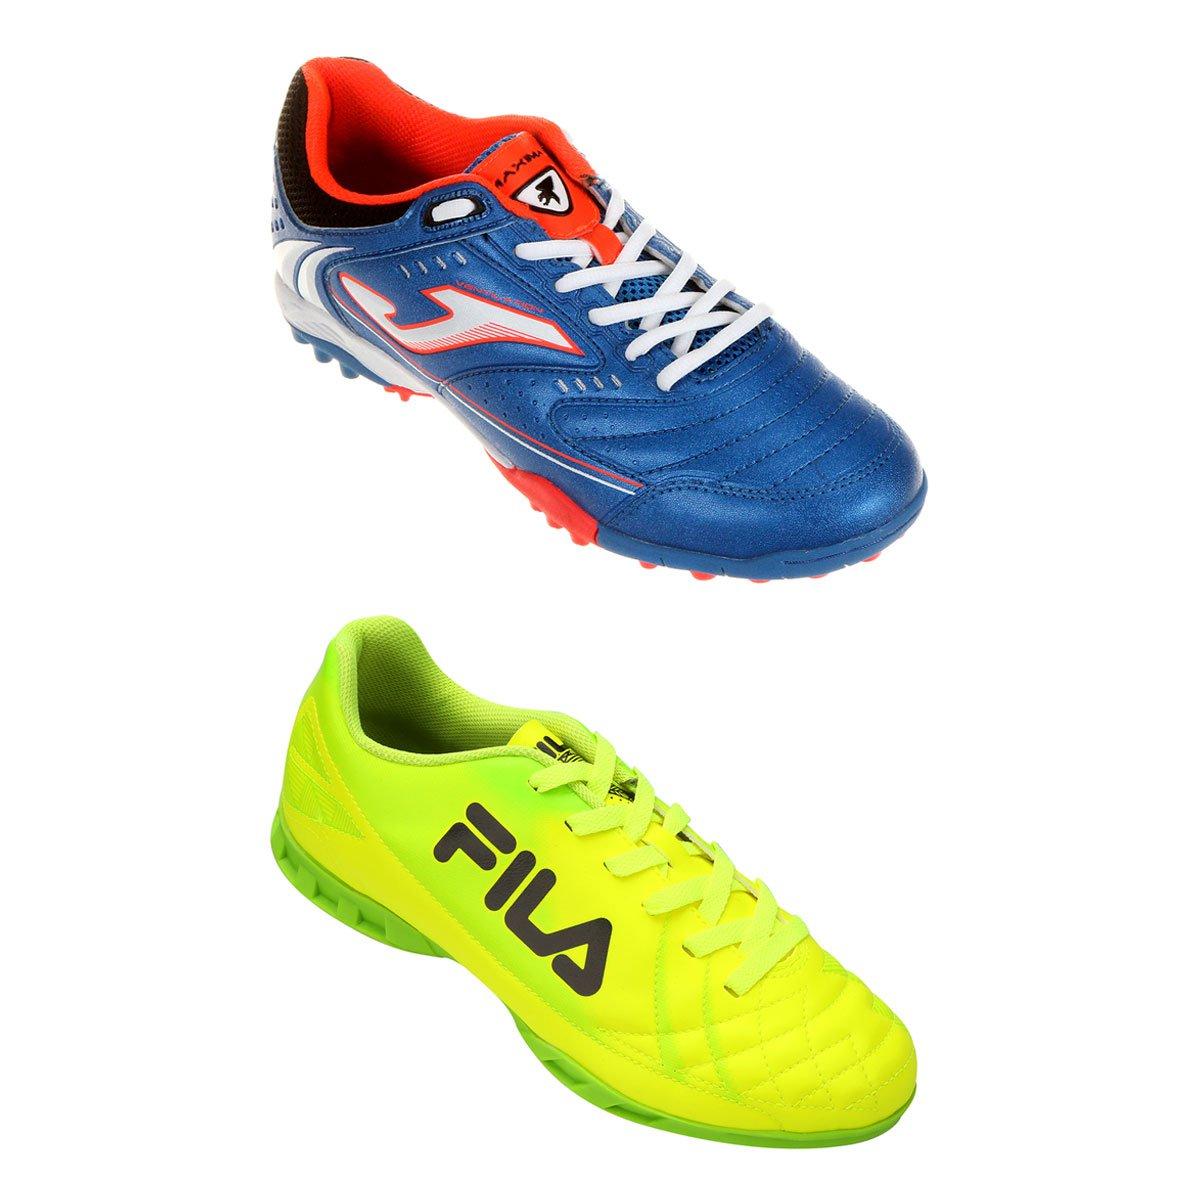 a6b75211e7 Chuteira Fila Classic Futsal + Chuteira Joma Maxima - Compre Agora ...